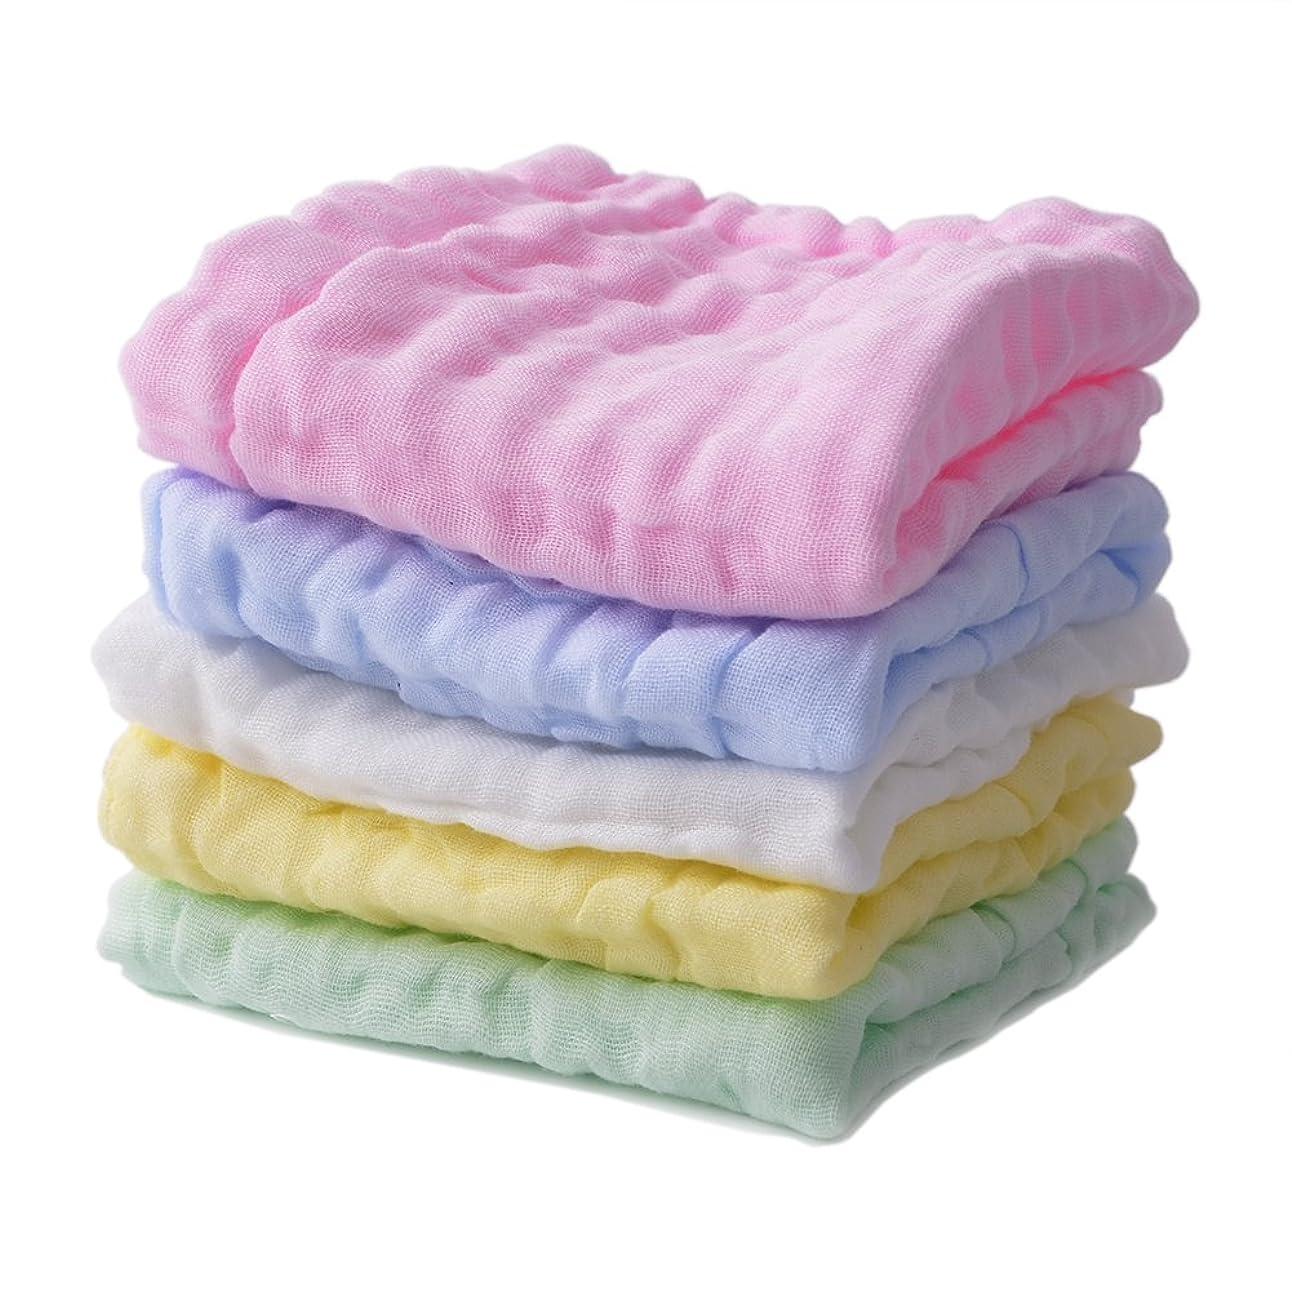 投資する戸棚山積みのBamsod 5パックの赤ちゃんの洗顔タオル新生児再使用可能なワイプ温かいベビーバスタオルシャワーギフト